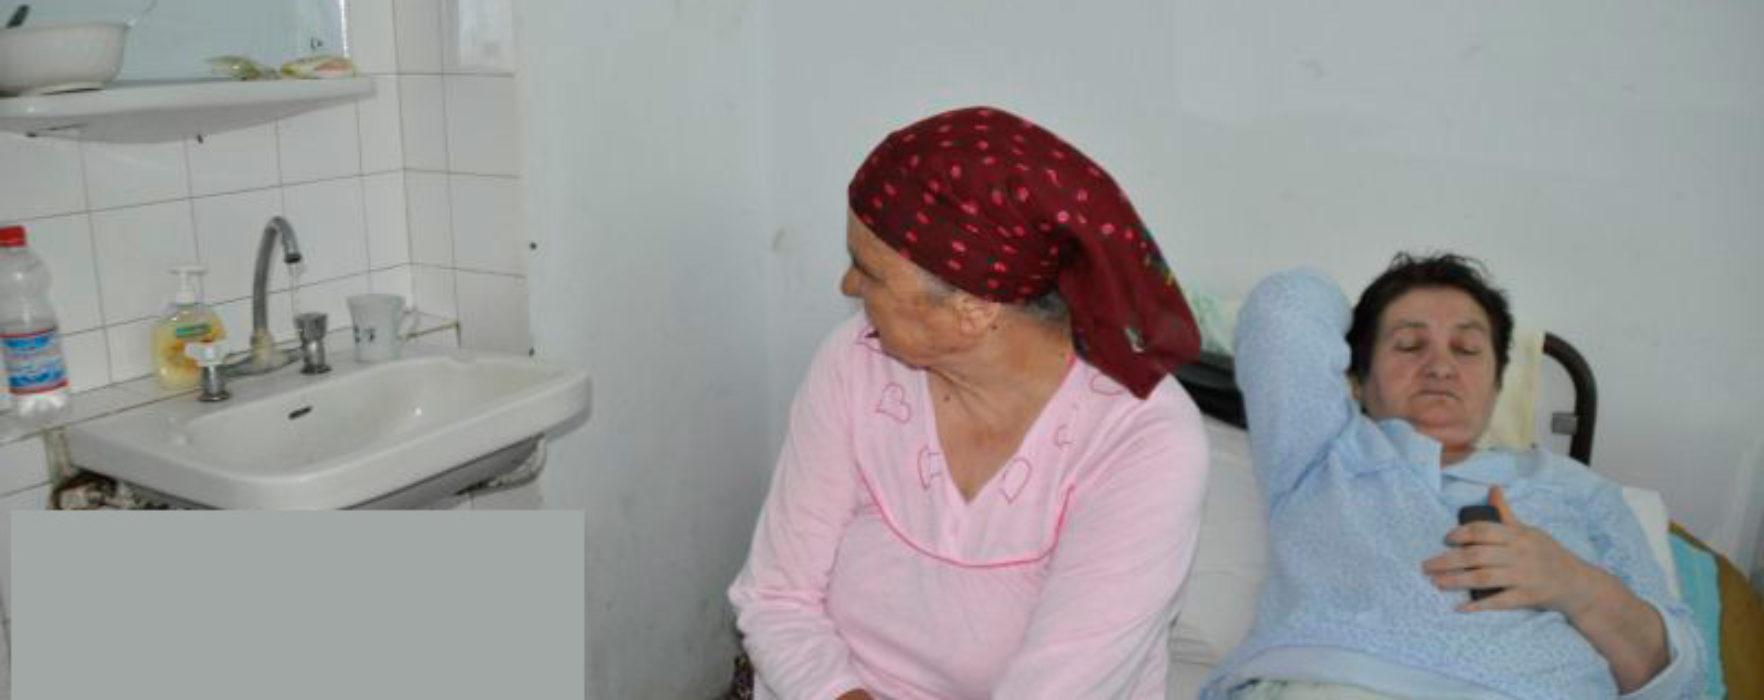 Numărul de paturi, redus la Spitalul Judeţean Târgovişte deşi bolnavii stau şi câte doi în pat